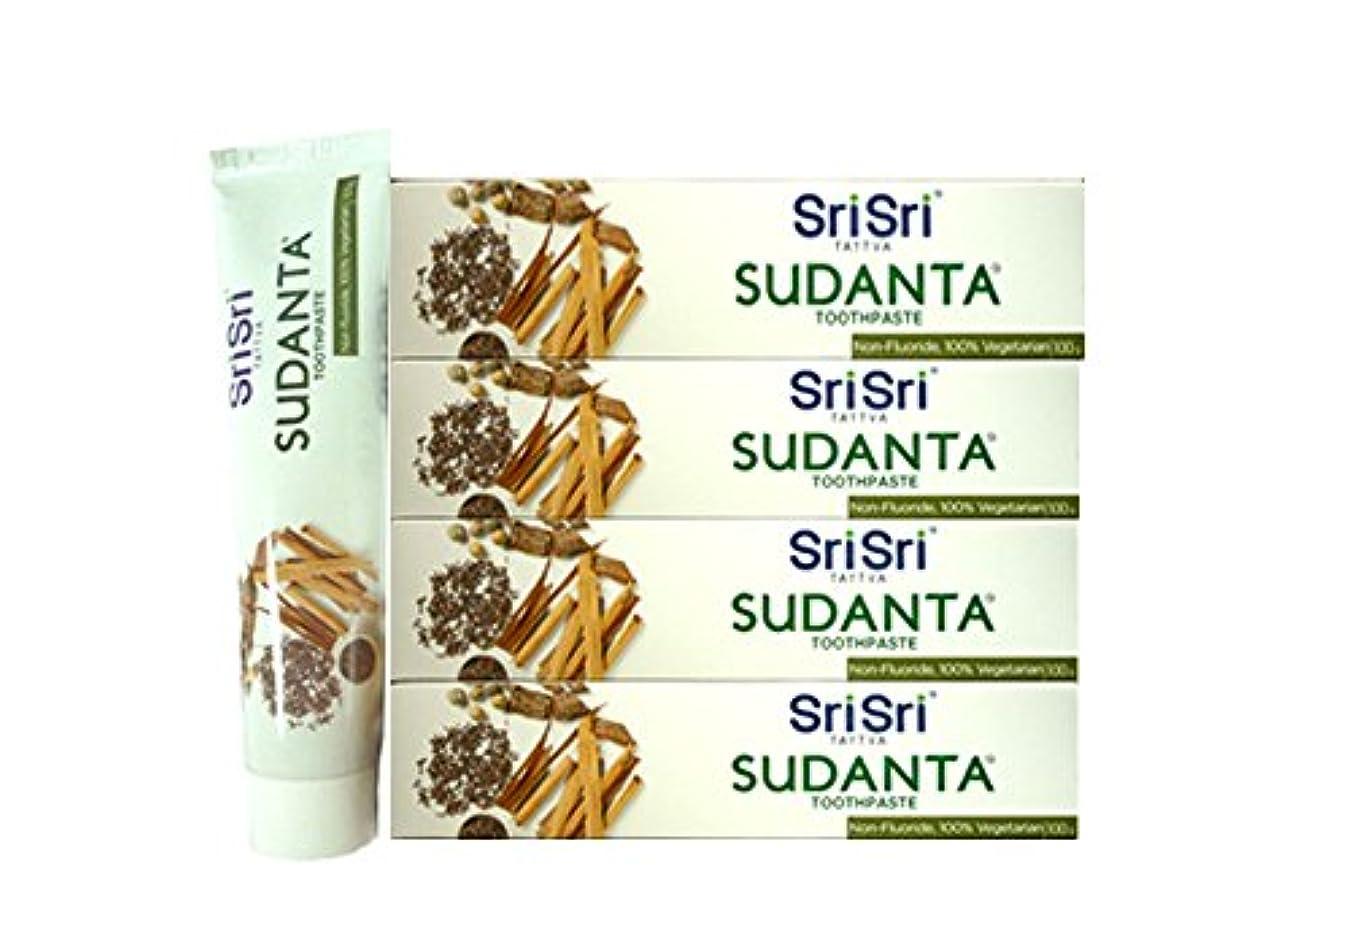 適格リラックスなにシュリ シュリ アーユルヴェーダ スダンタ 磨き粉 100g*4SET Sri Sri Ayurveda sudanta toothPaste